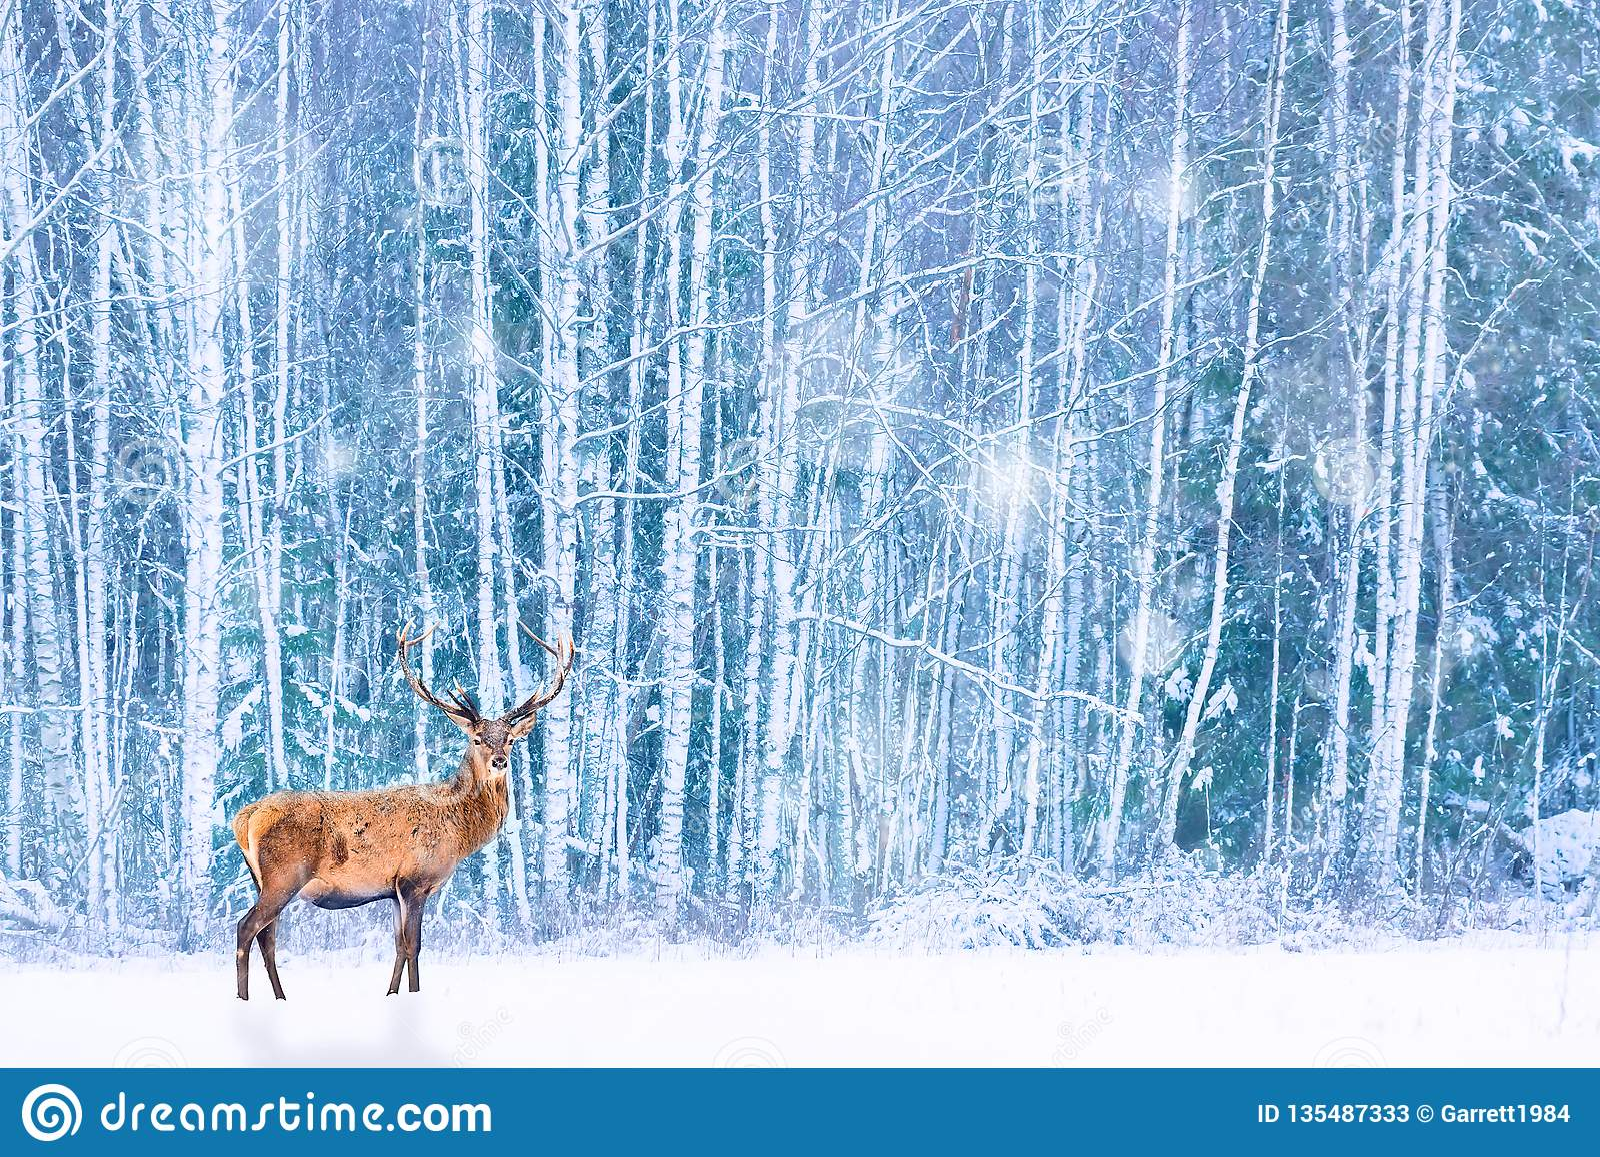 Edle Rotwild gegen künstlerisches feenhaftes Weihnachten schneebedeckter Wald des Winters Wintersaisonbild